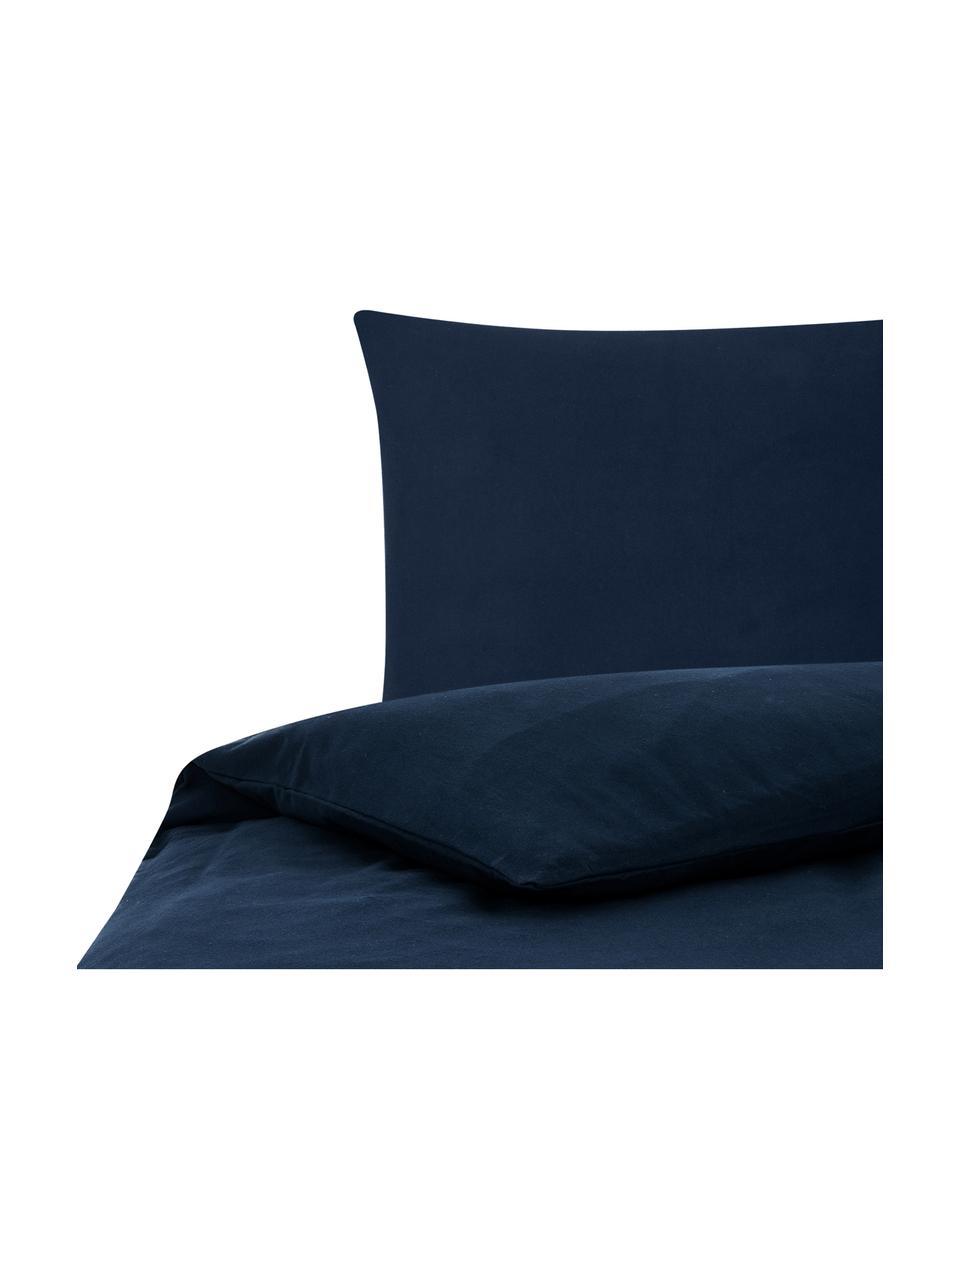 Flanell-Bettwäsche Biba in Marineblau, Webart: Flanell Flanell ist ein k, Marineblau, 135 x 200 cm + 1 Kissen 80 x 80 cm